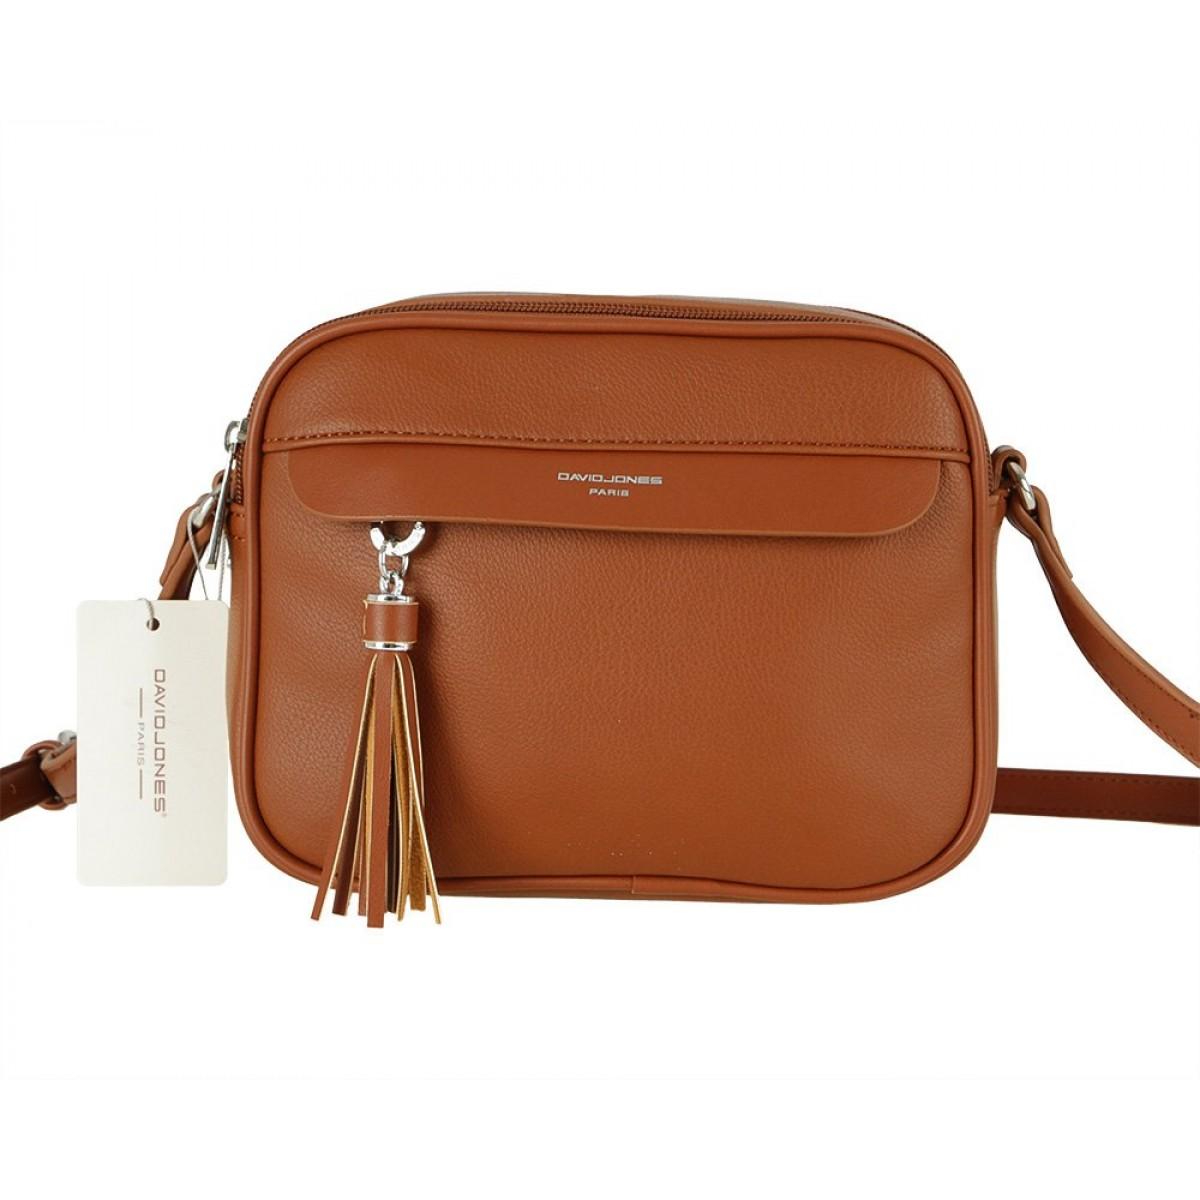 Жіноча сумка David Jones 6313-1 COGNAC